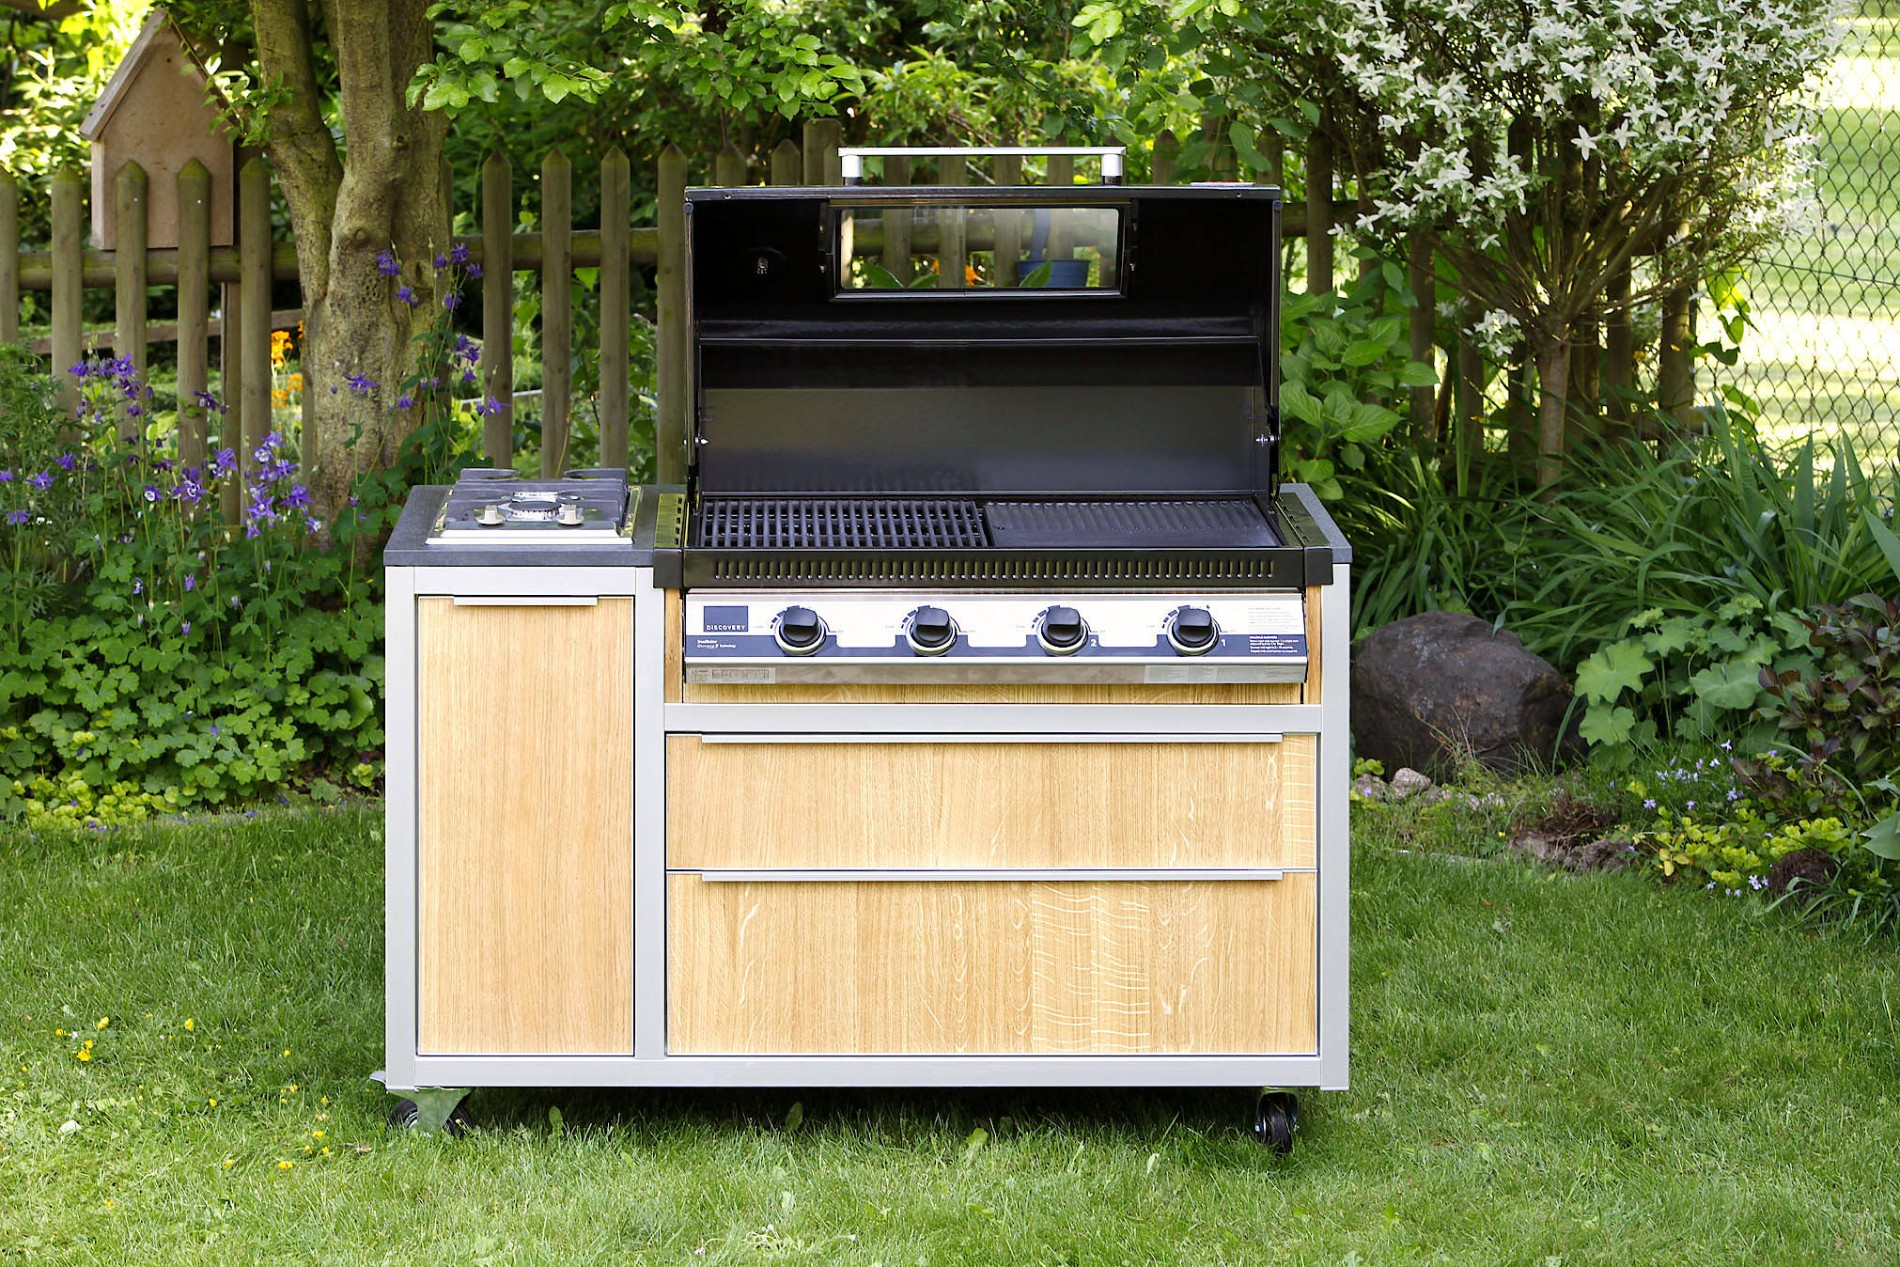 Die Neue Outdoor Küche Buch : Outdoor küchen koch komm raus